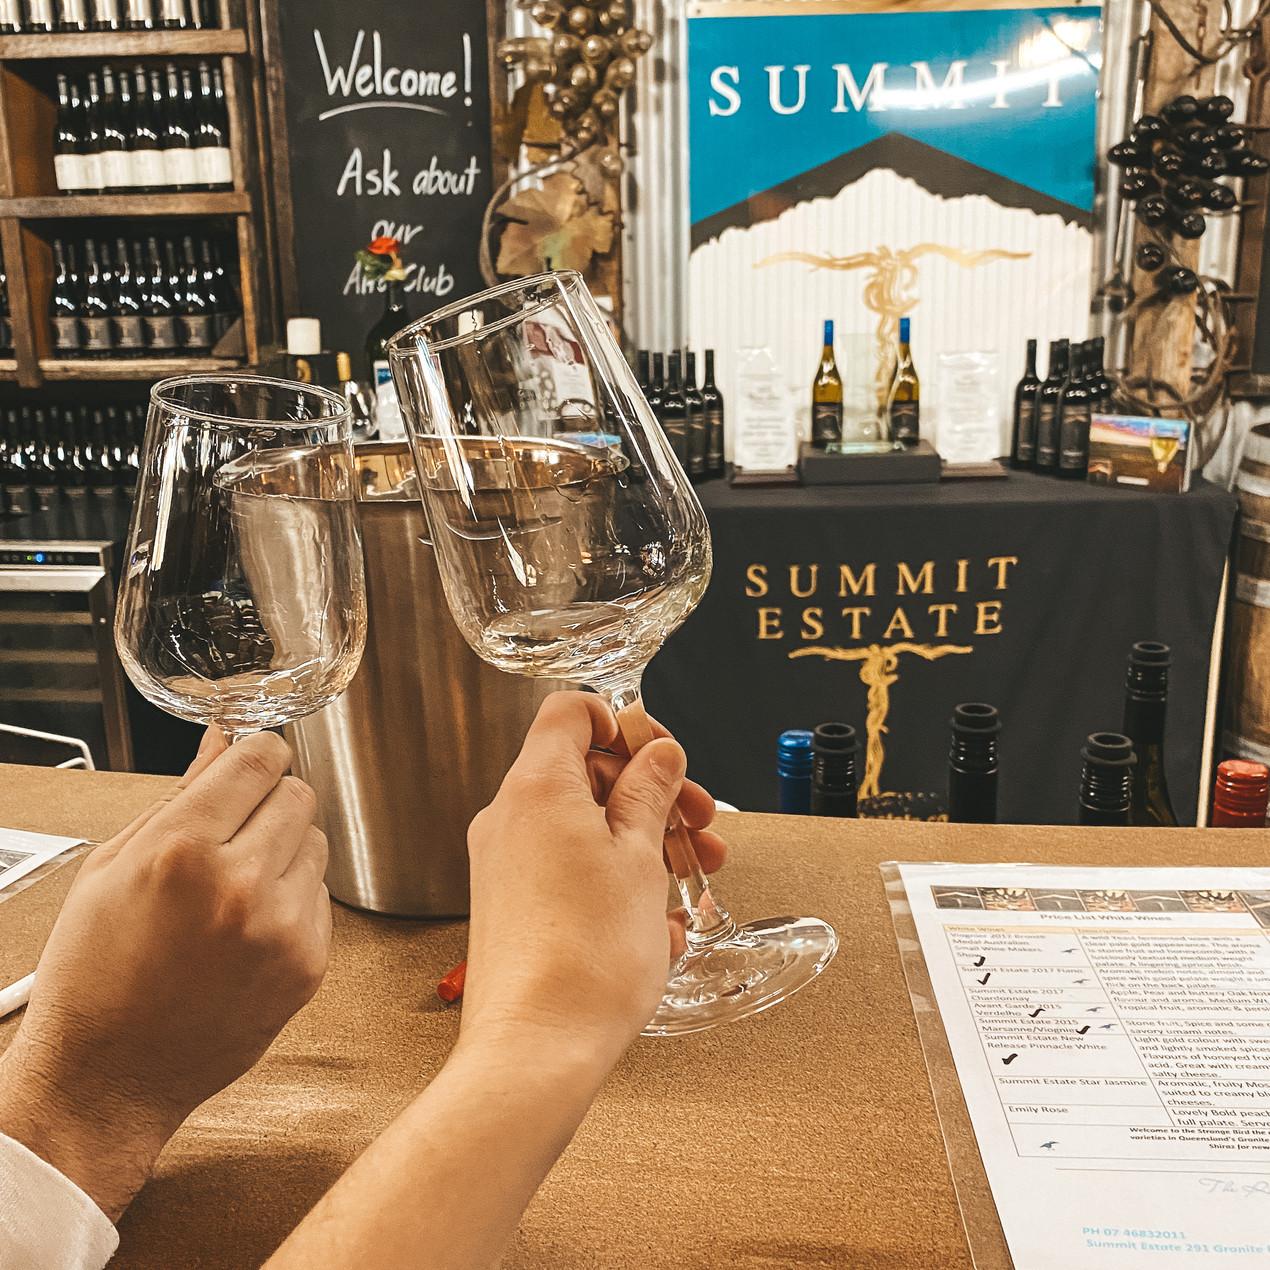 Summit Estate Winery Stanthorpe Australia